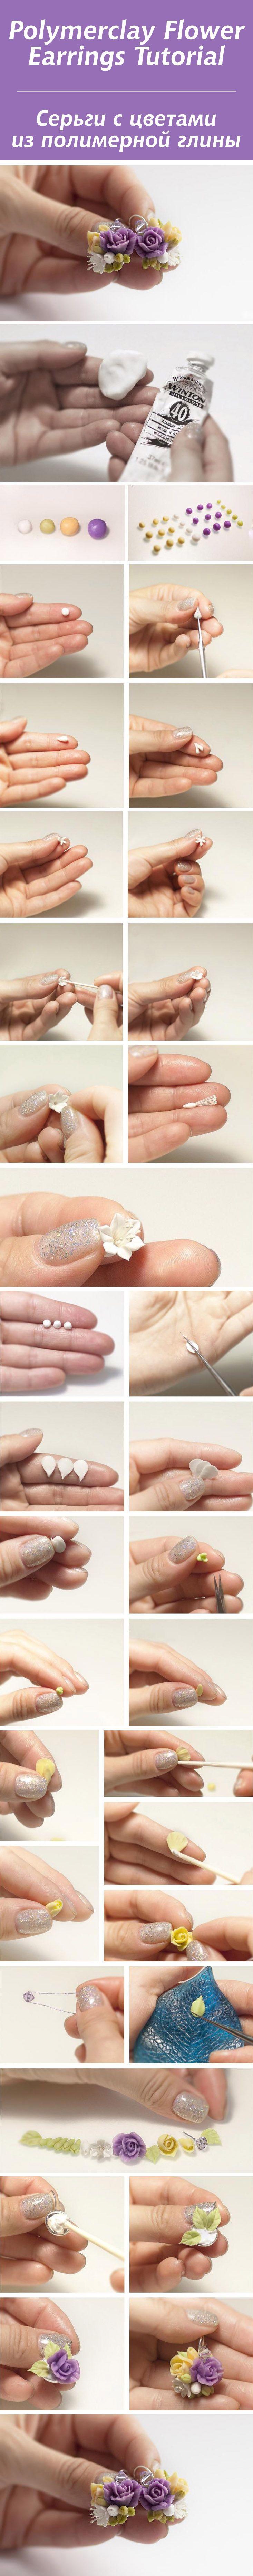 Серьги с цветами из полимерной глины / Polymerclay Flower Earrings Tutorial P.s. simple quest for everyone) Why did Bill die?